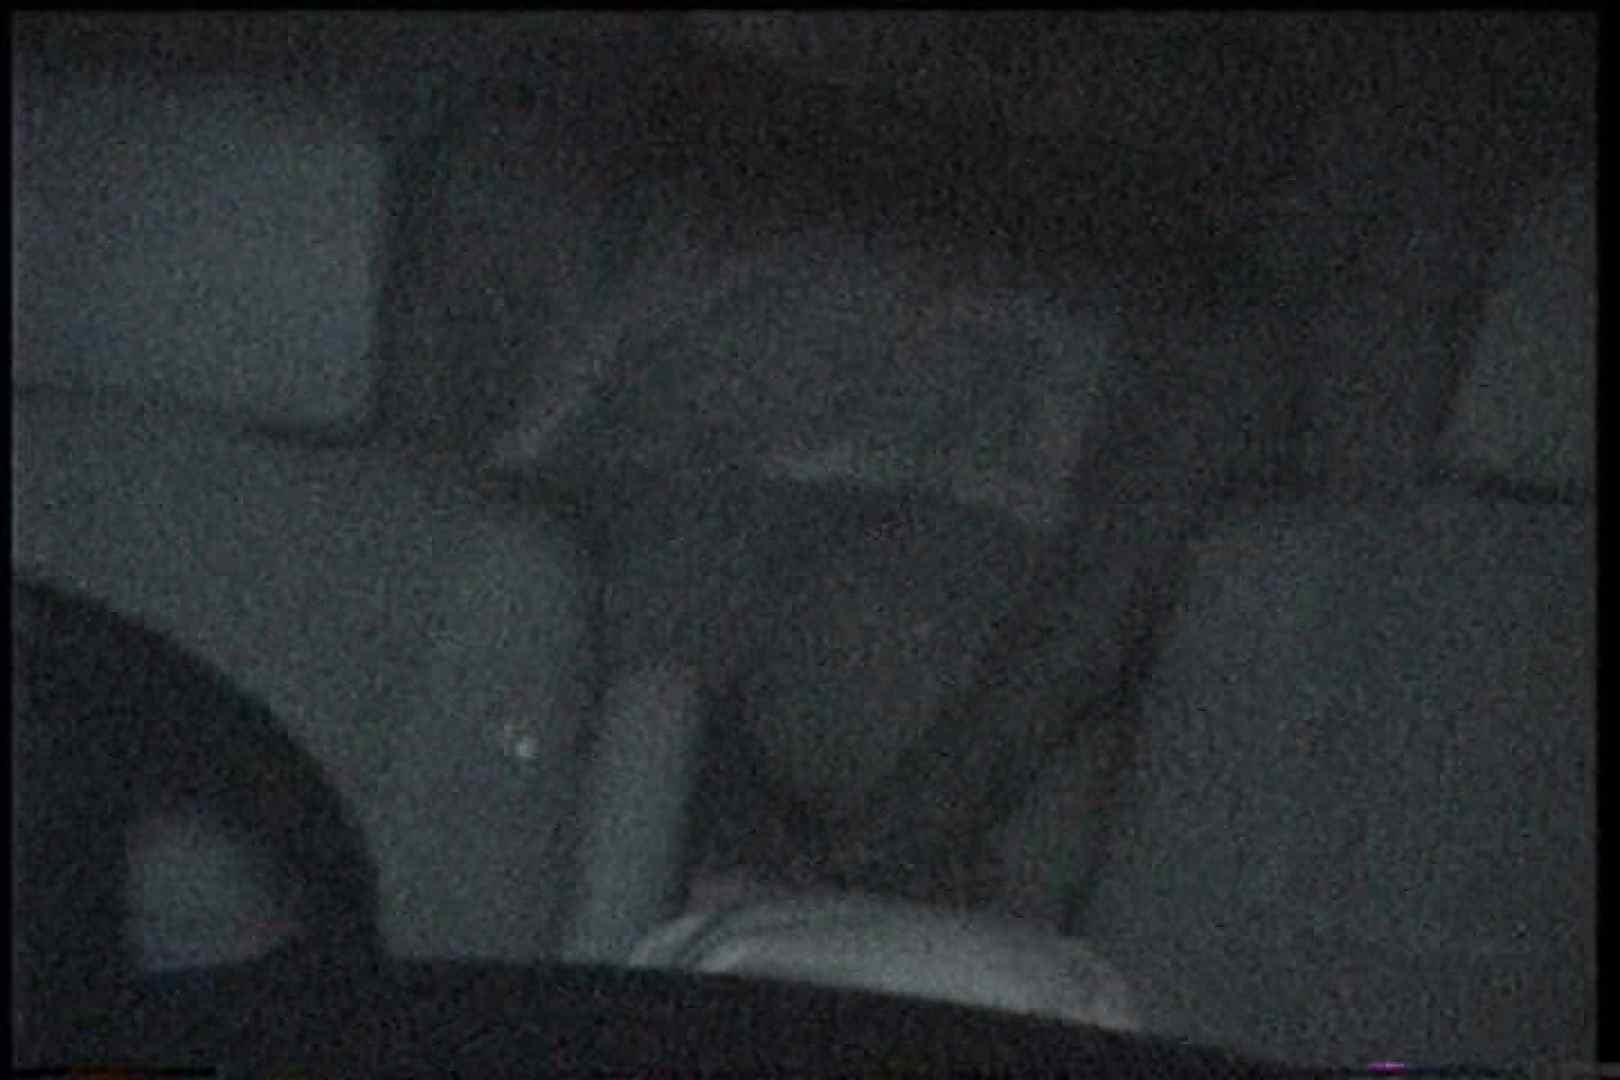 充血監督の深夜の運動会Vol.181 おまんこ無修正 AV動画キャプチャ 84画像 73